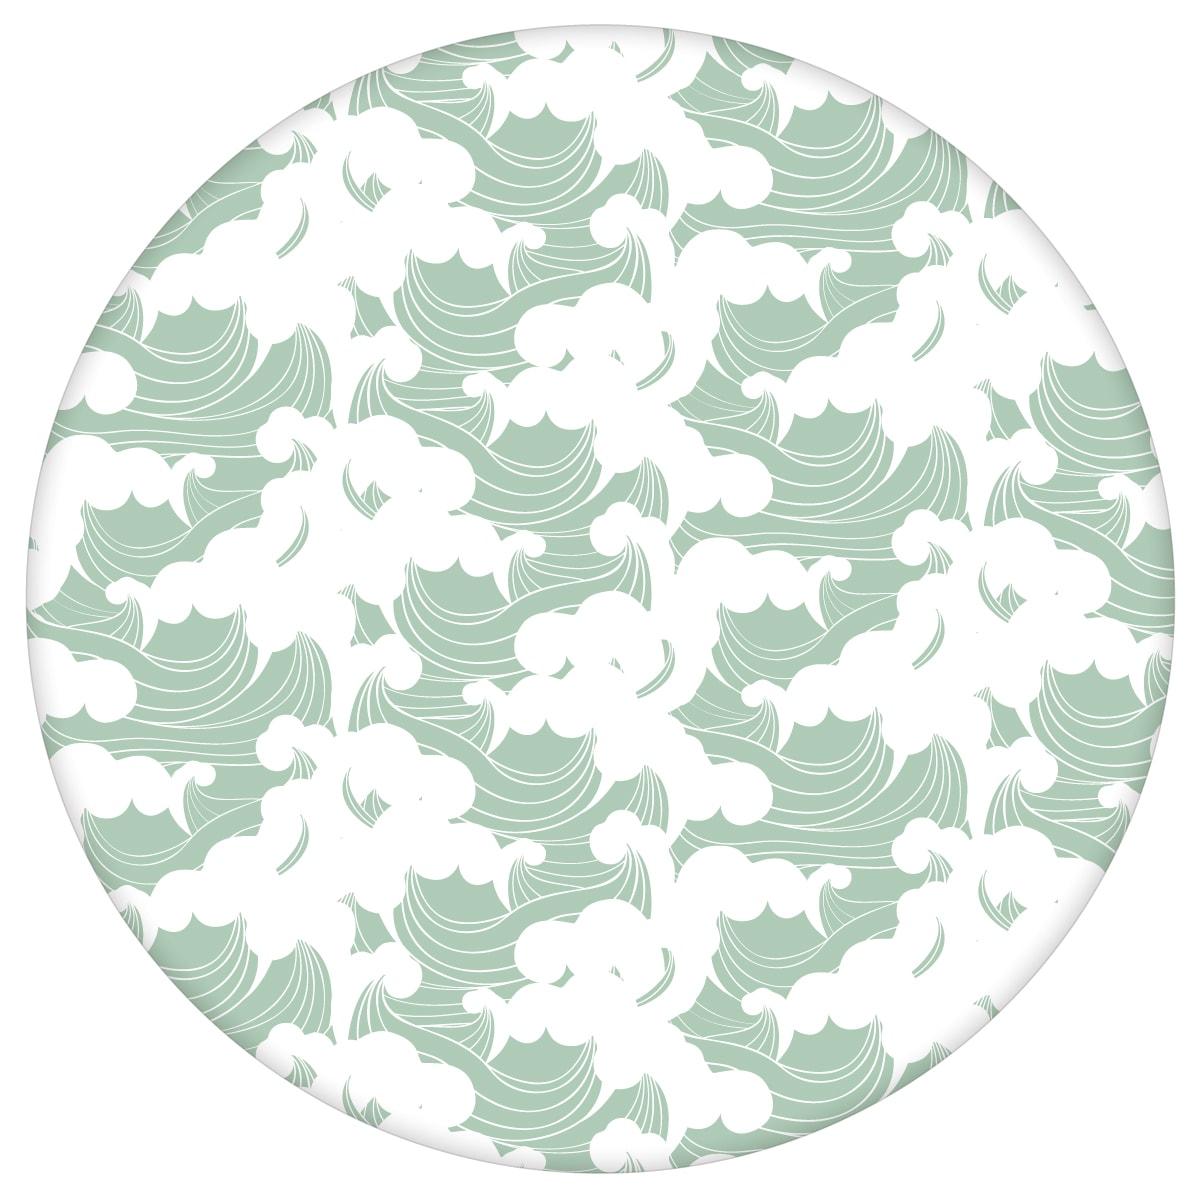 """Maritime Tapete mit Wellen  """"Meerschaum"""", mint grüne Vlies-Tapete asiatische Wanddeko für Schlafzimmeraus dem GMM-BERLIN.com Sortiment: grüne Tapete zur Raumgestaltung: #00139 #Asien #grafisch #Grafische Tapete #Grüne Tapete #maritim #Meer #mint #schlafzimmer #Wellen für individuelles Interiordesign"""